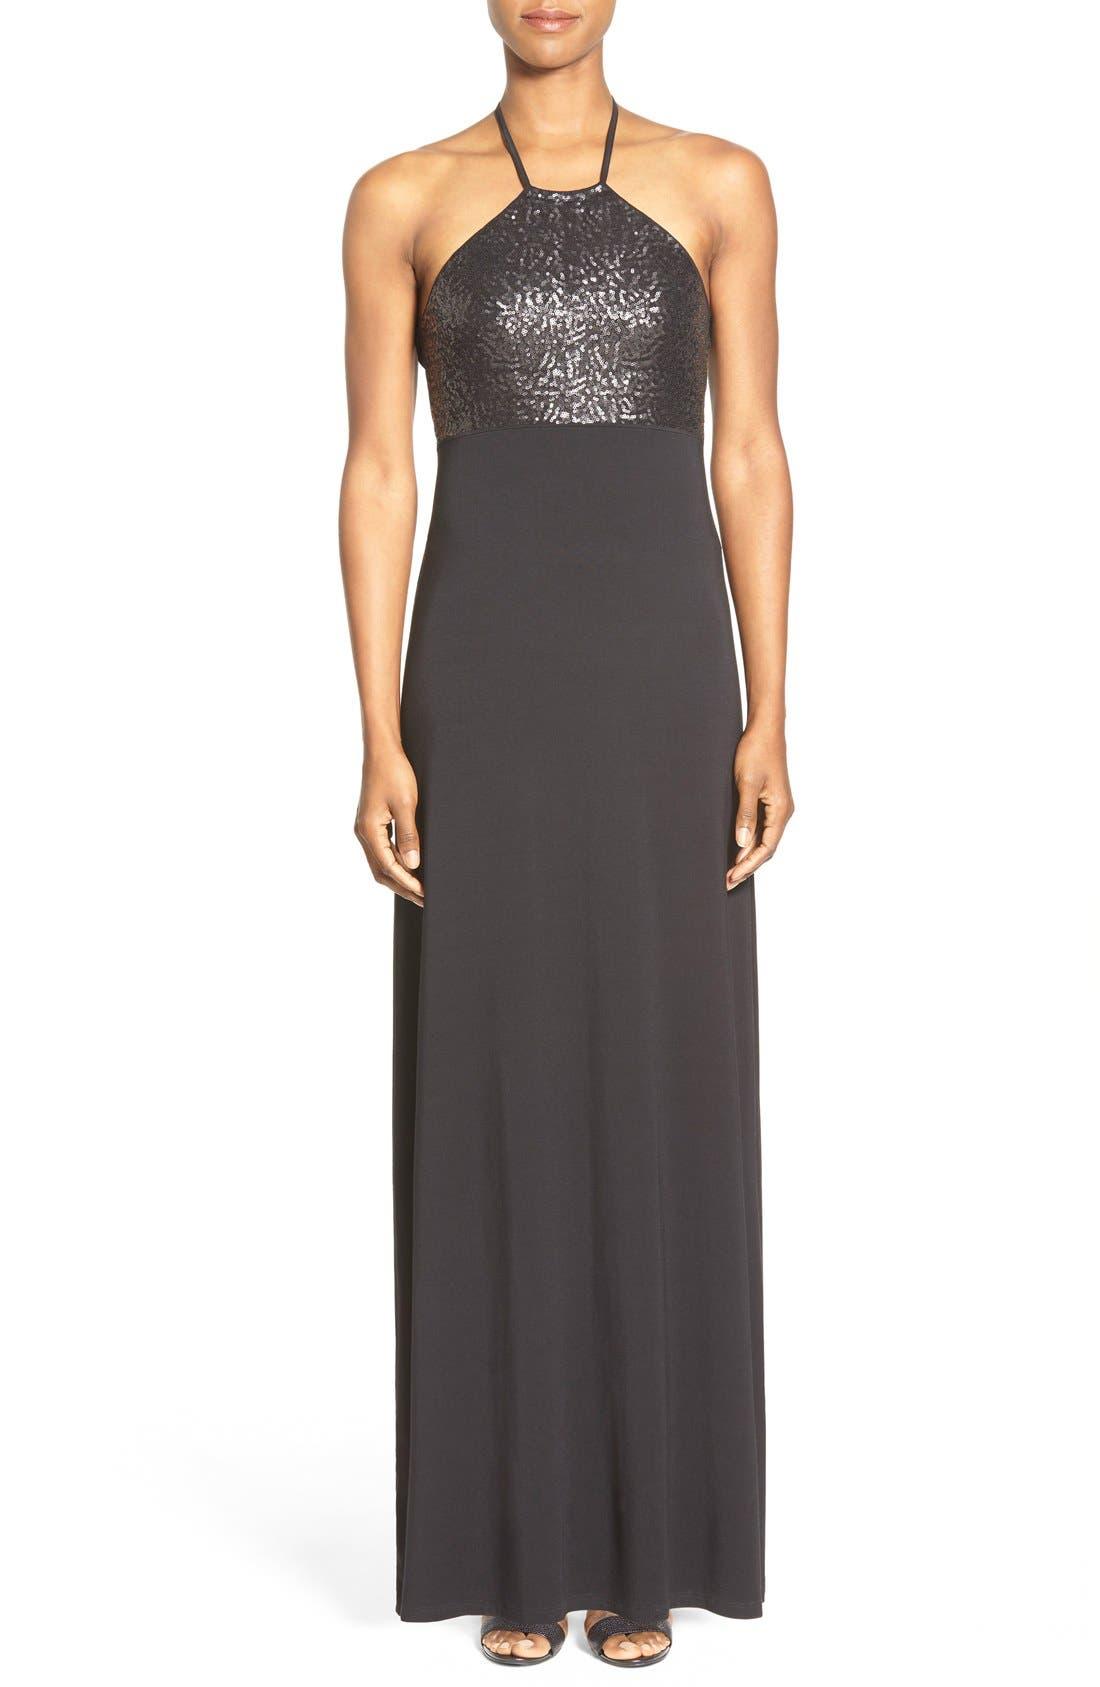 Main Image - Tommy Bahama Sequin Bodice Halter Maxi Dress